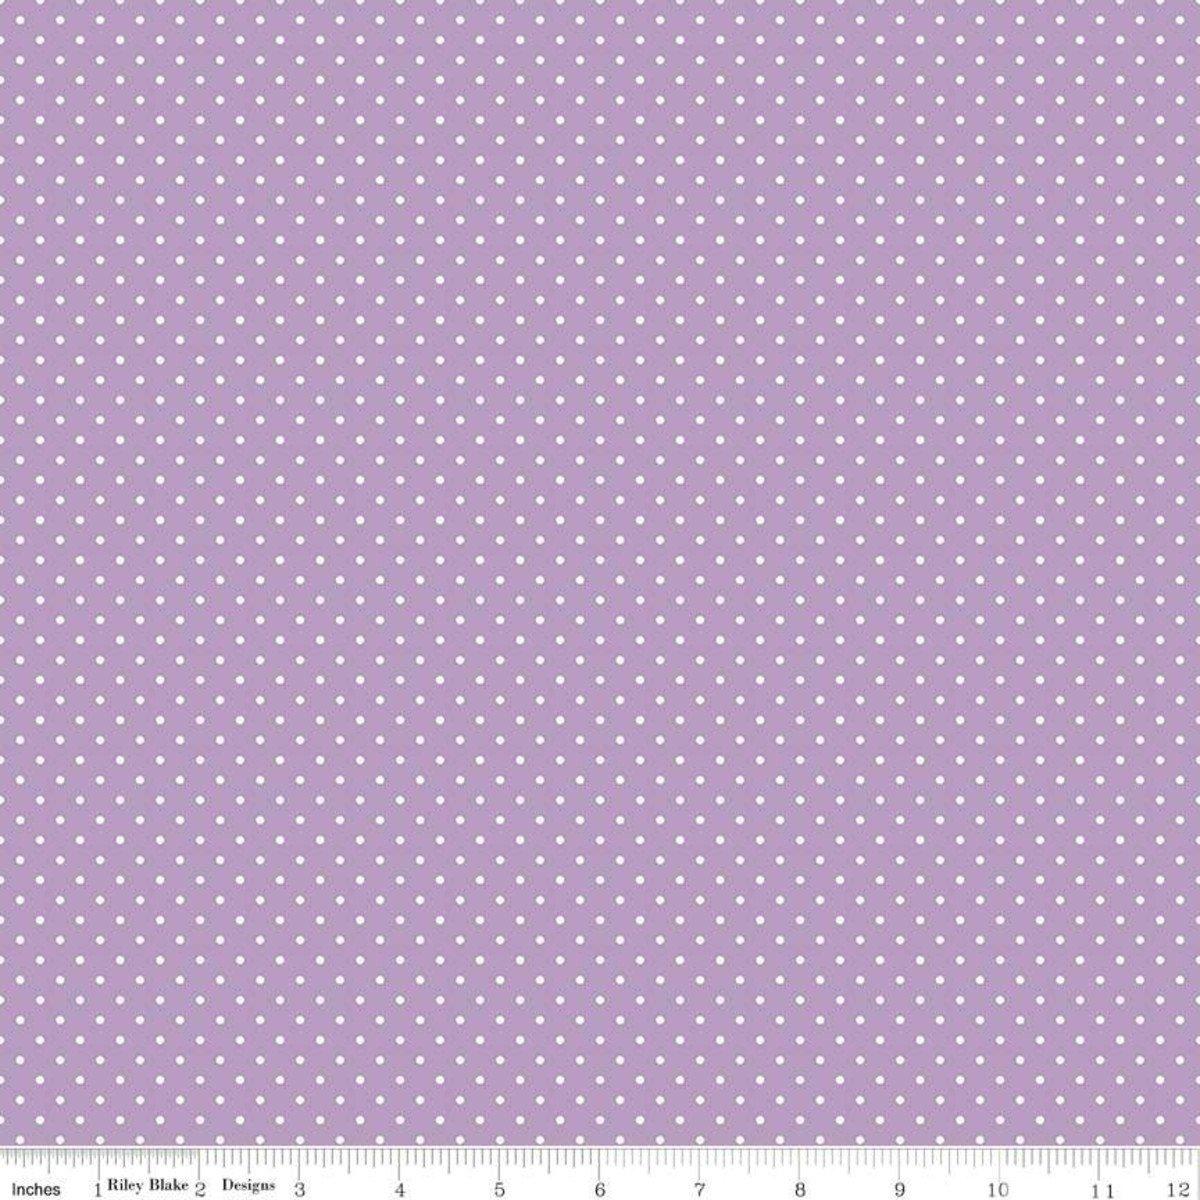 Riley Blake Designs, Swiss Dot - Swiss Dot Lavender